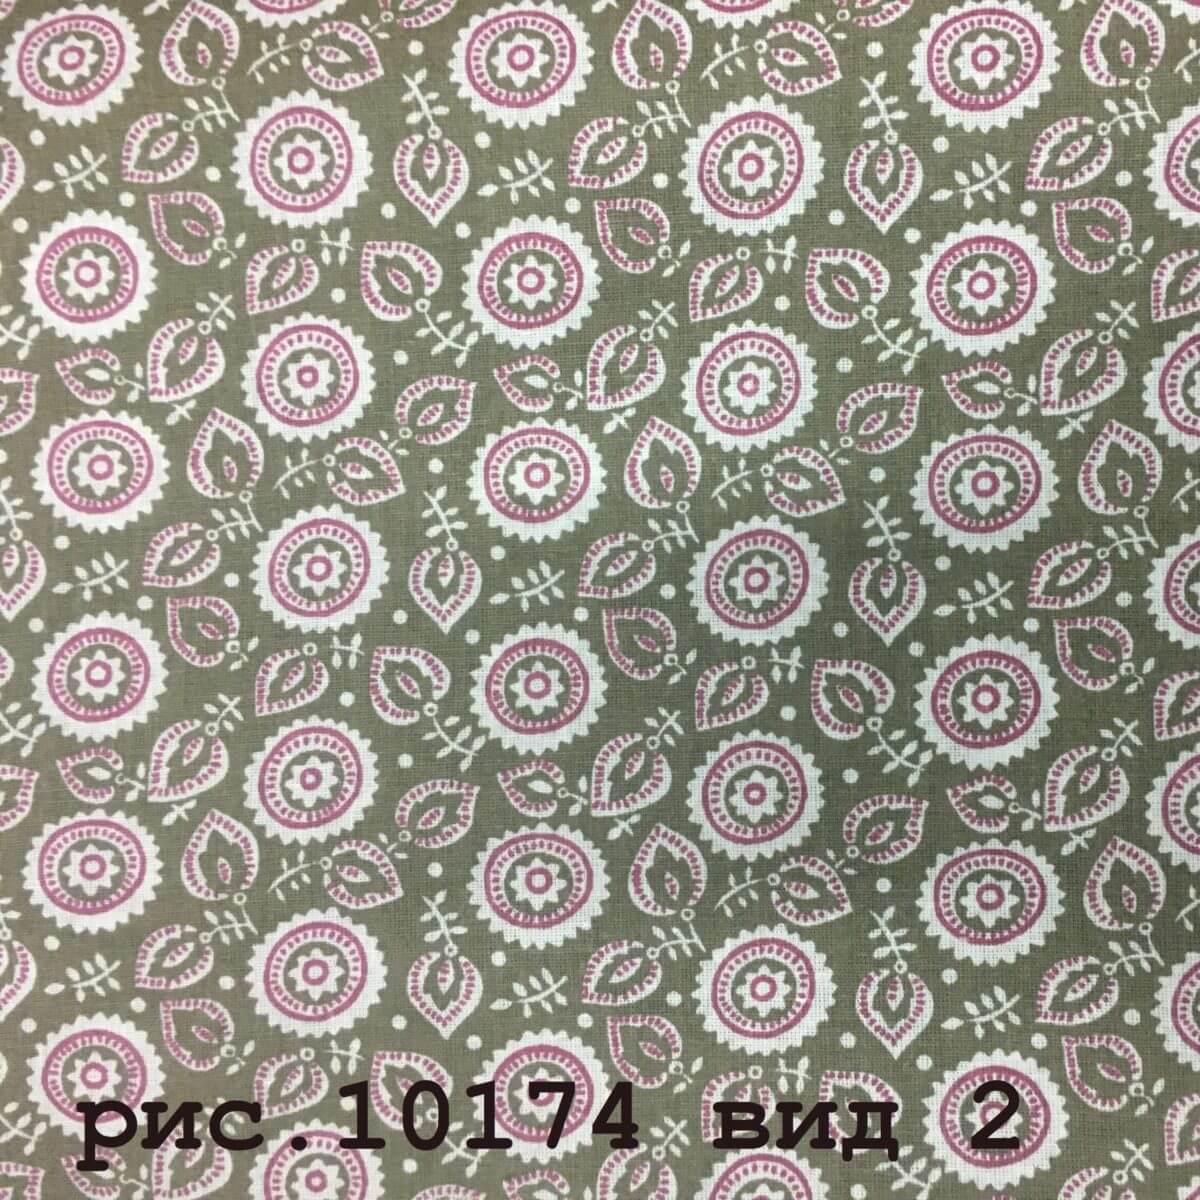 Фото 14 - Плательная ткань бязь 150 см (10174/2).